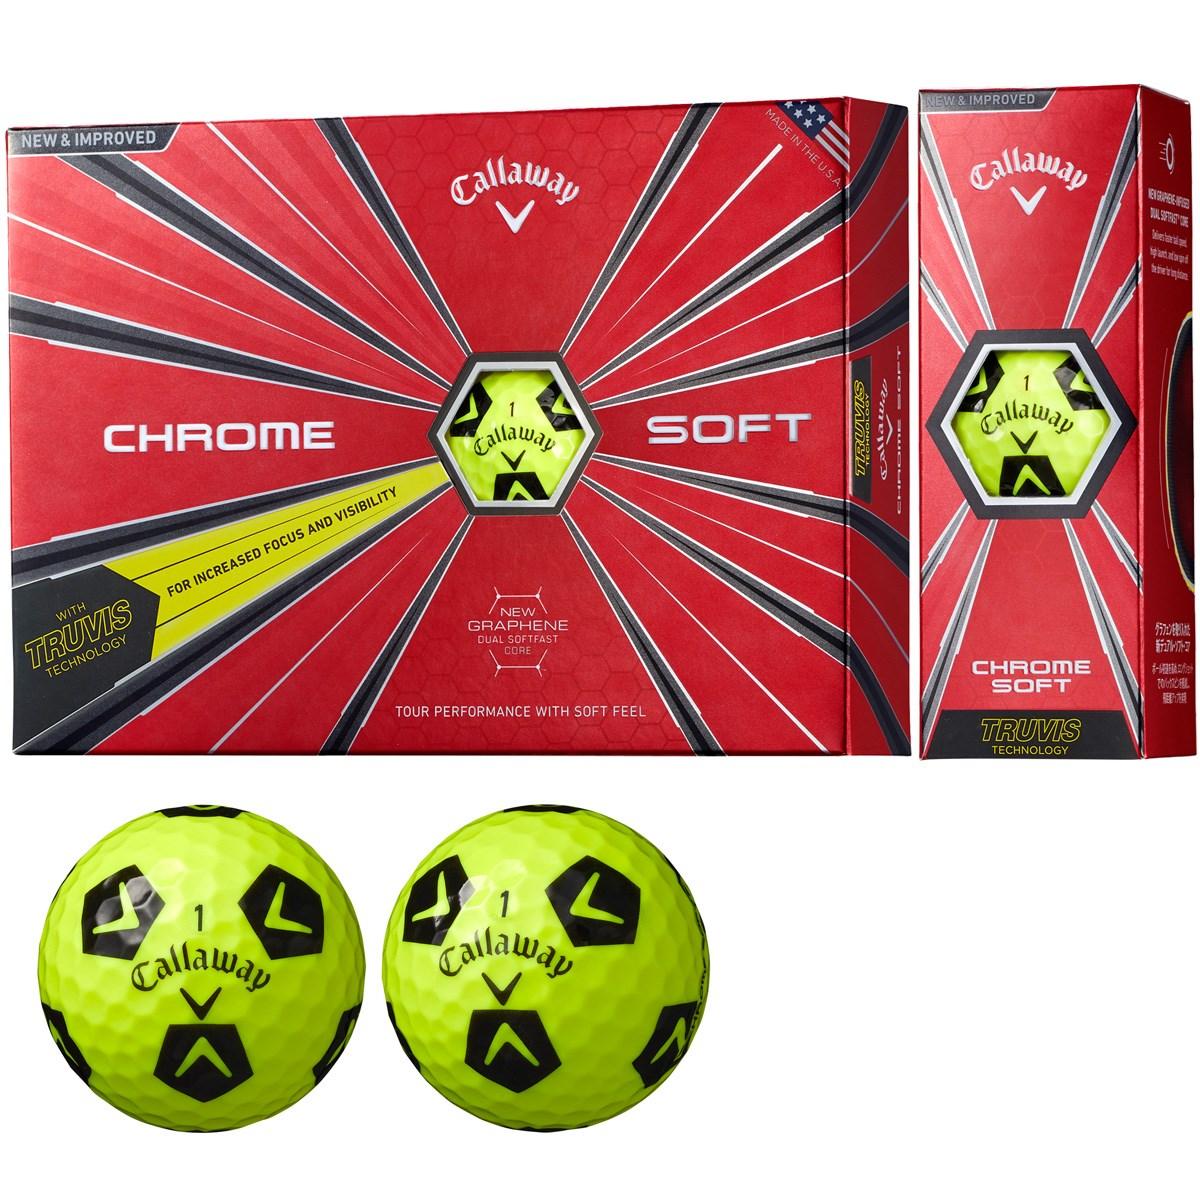 キャロウェイゴルフ(Callaway Golf) CHROME SOFT TRUVIS ボール【イエロー/ブラック】